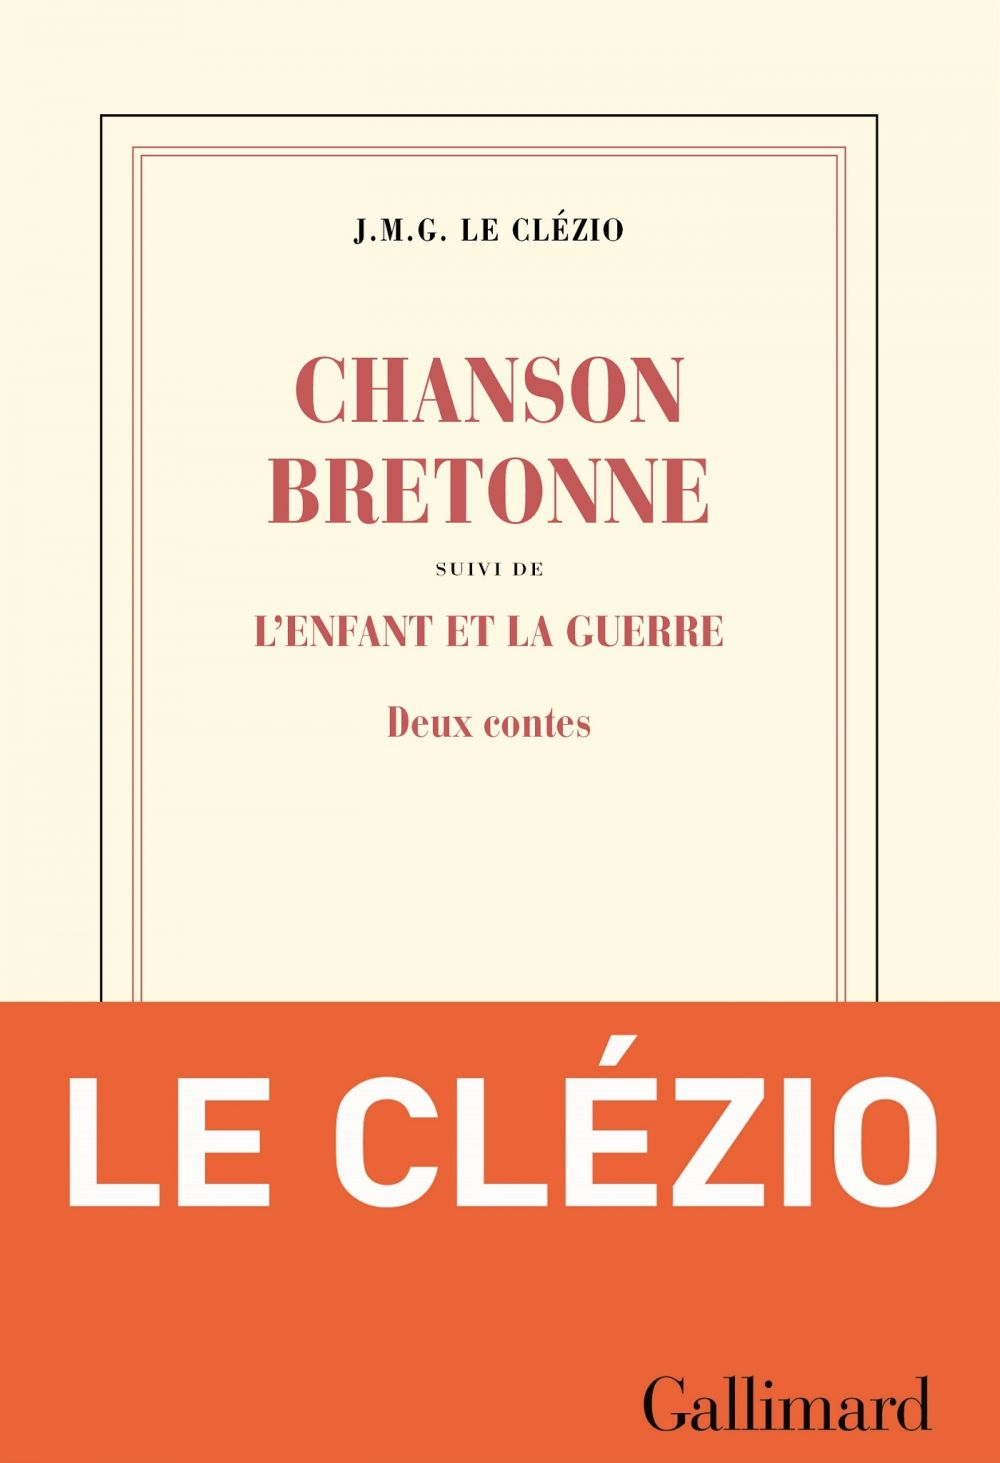 Chanson bretonne suivi de L'enfant et la guerre | Le Clézio, J. M. G.. Auteur